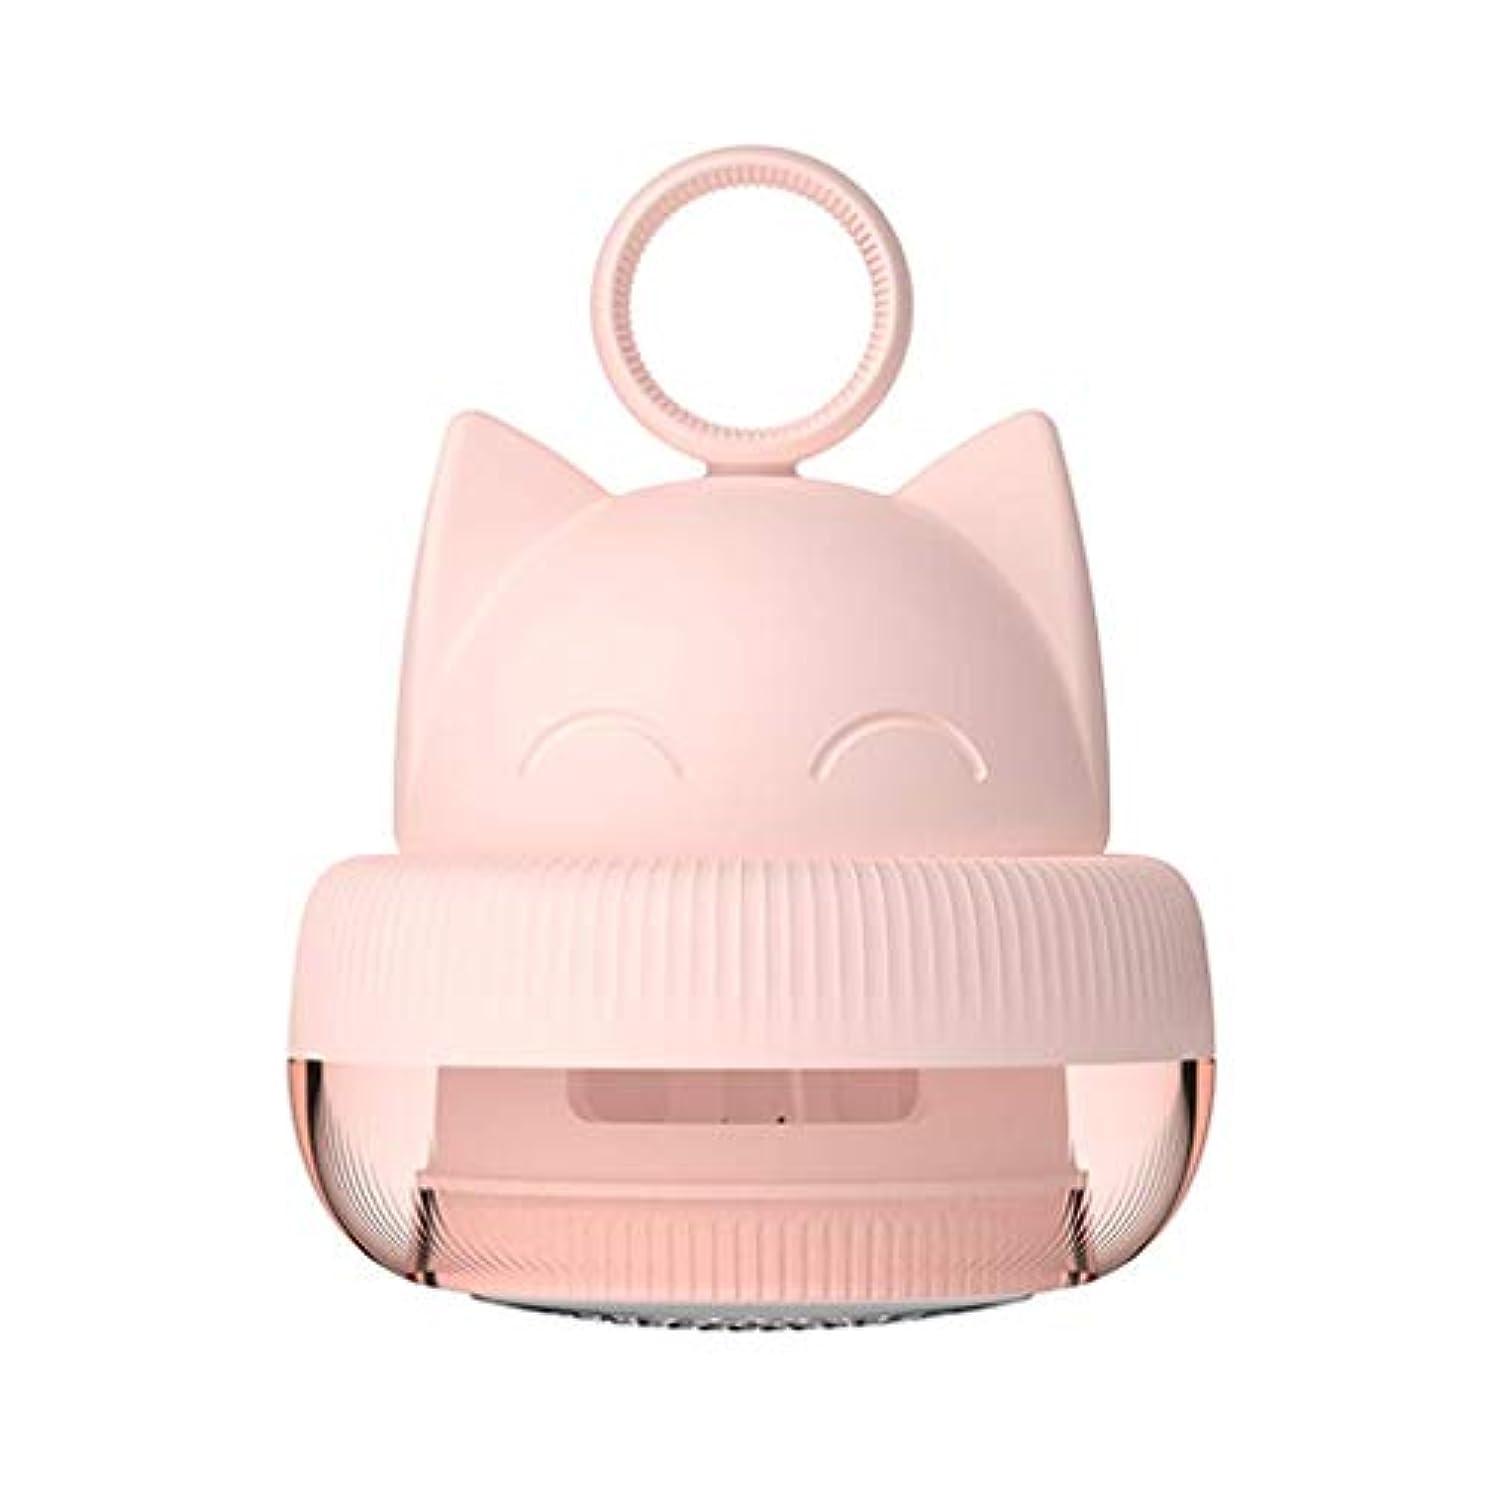 露割れ目オーチャードHIZLJJ リントリムーバー、携帯用電気ファブリック服家具シェーバー、セーターピルDefuzzerは、衣料品、カーペット、カーテンから丸薬ボールBobblesを削除します (Color : Pink)